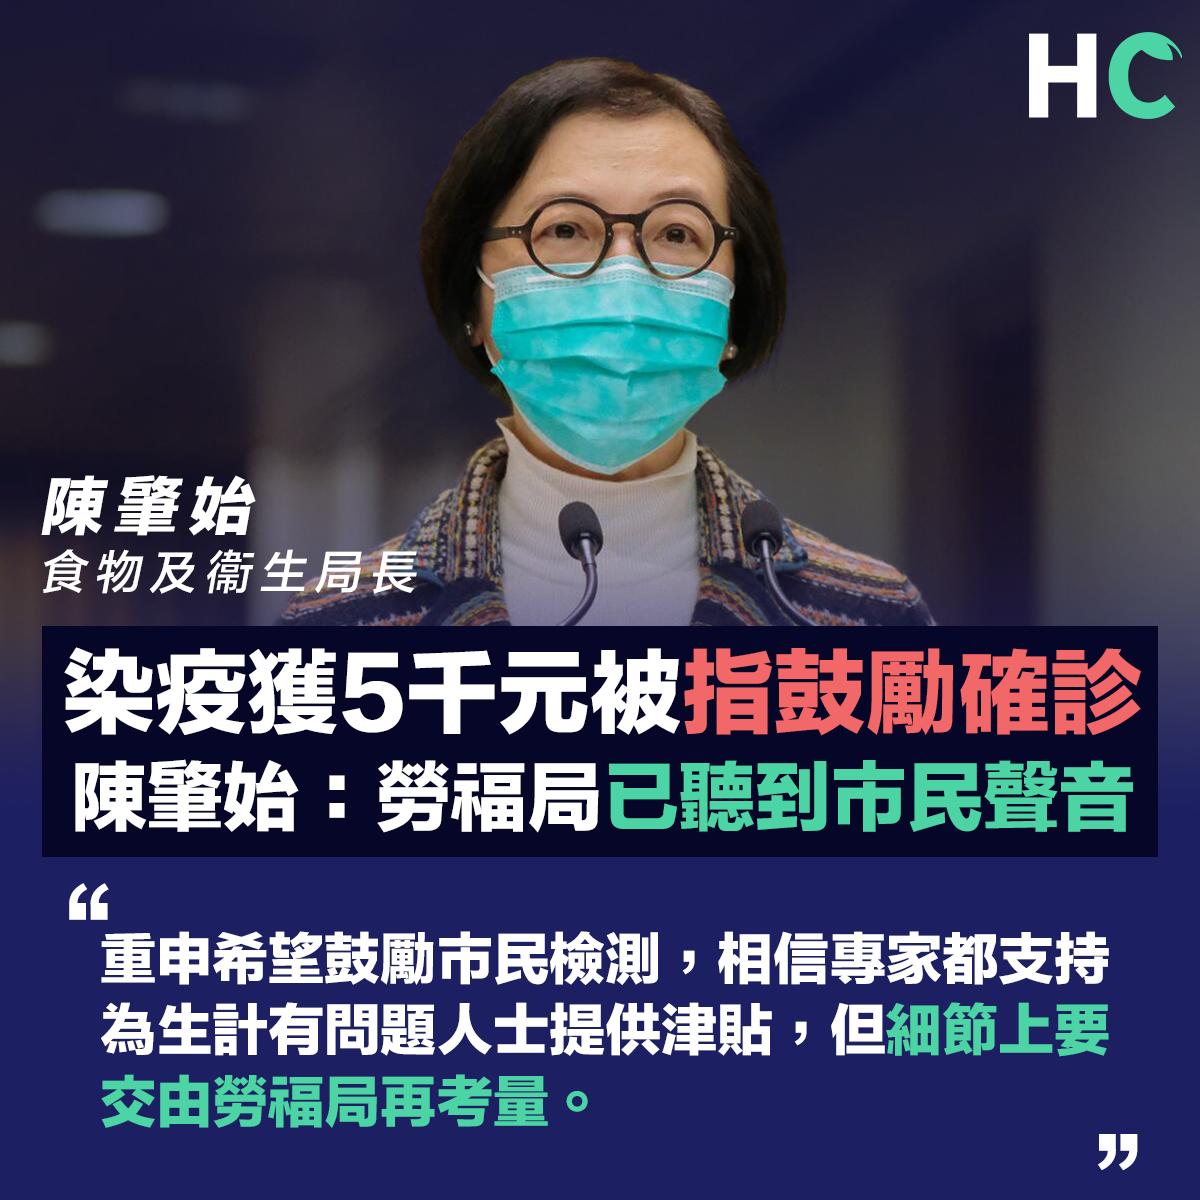 染疫獲5千元被指「鼓勵」確診 陳肇始:勞福局已聽到市民的聲音